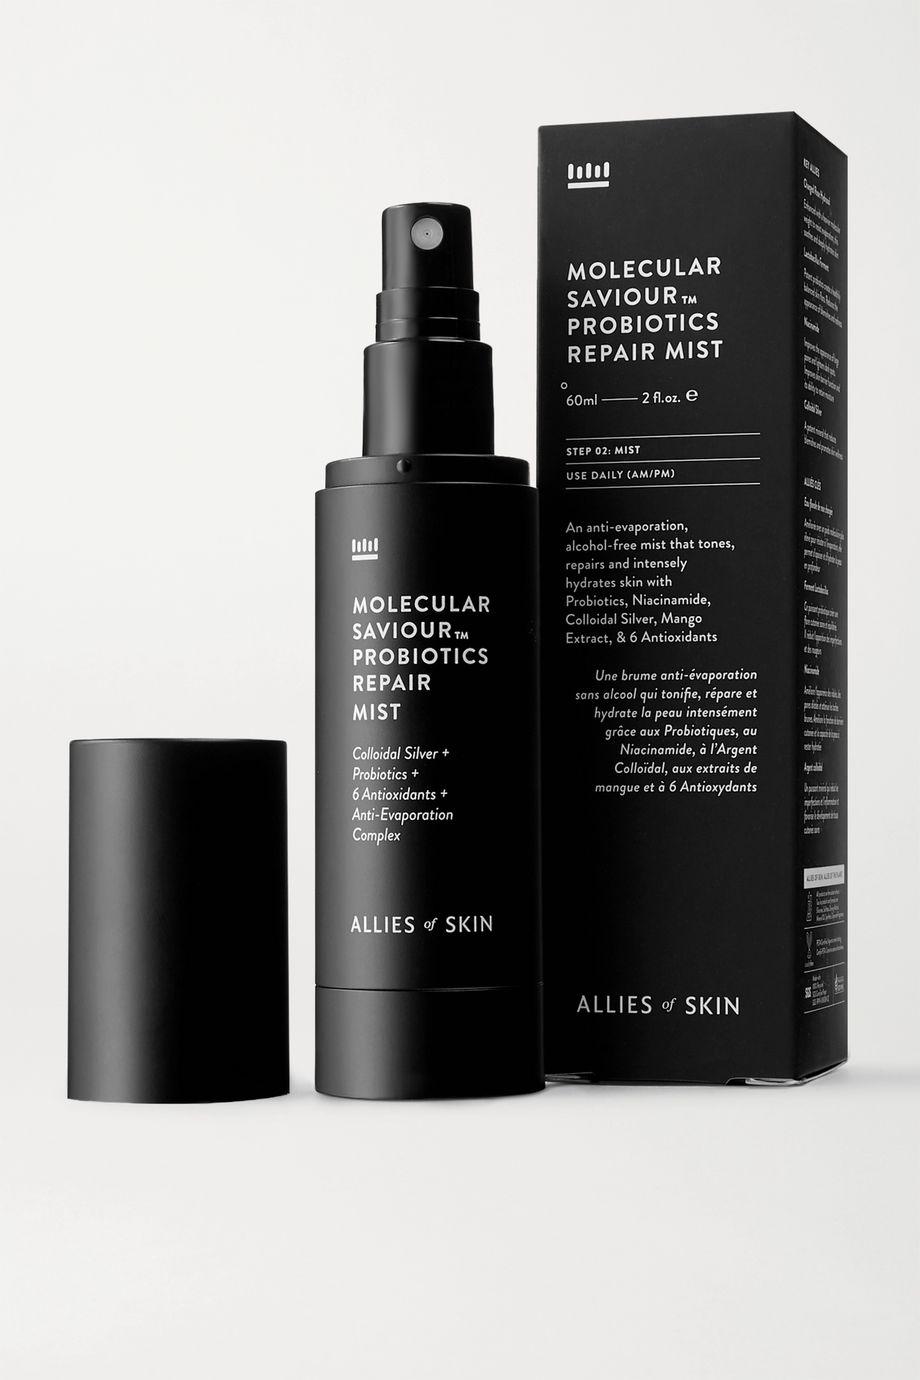 Allies of Skin Molecular Saviour Probiotics Repair Mist, 60ml